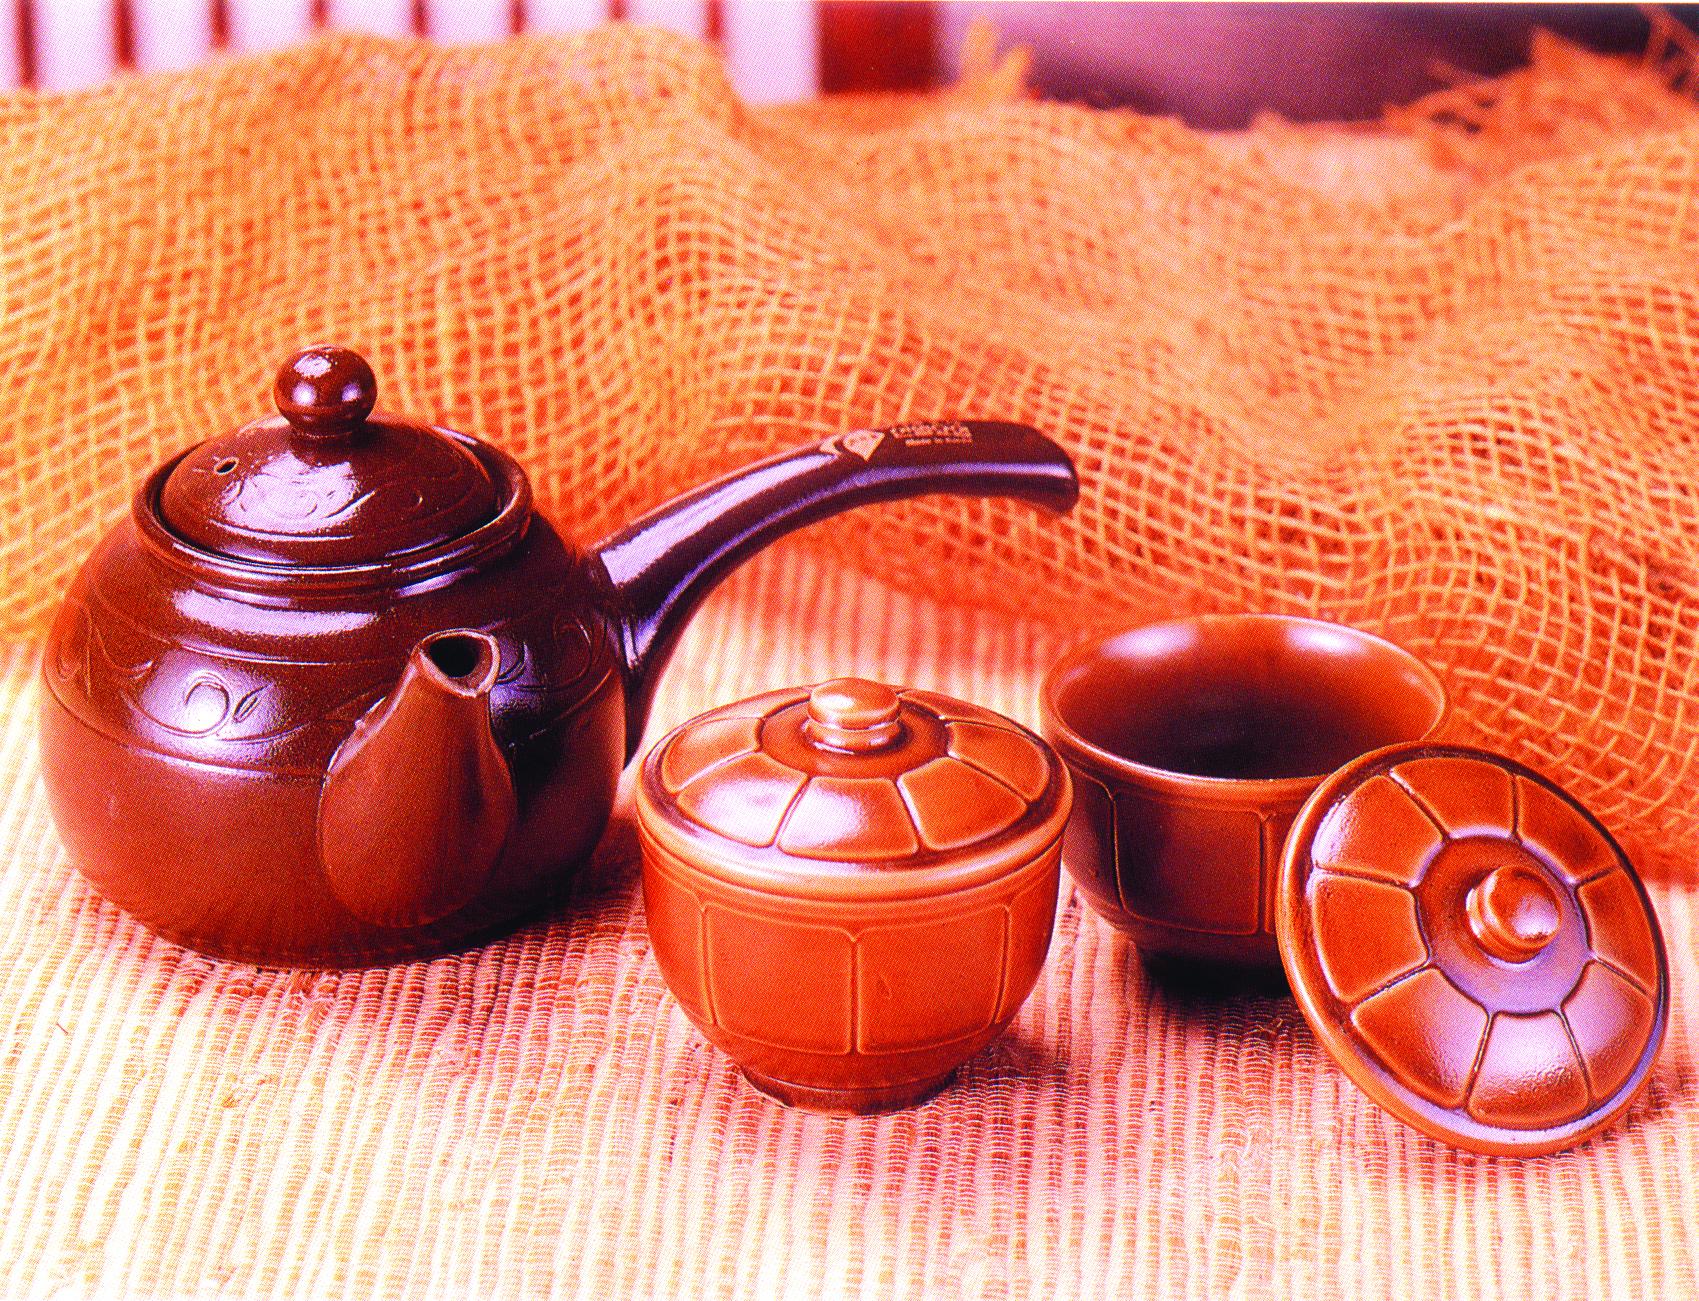 질그릇,전라북도 남원시,지역특산물